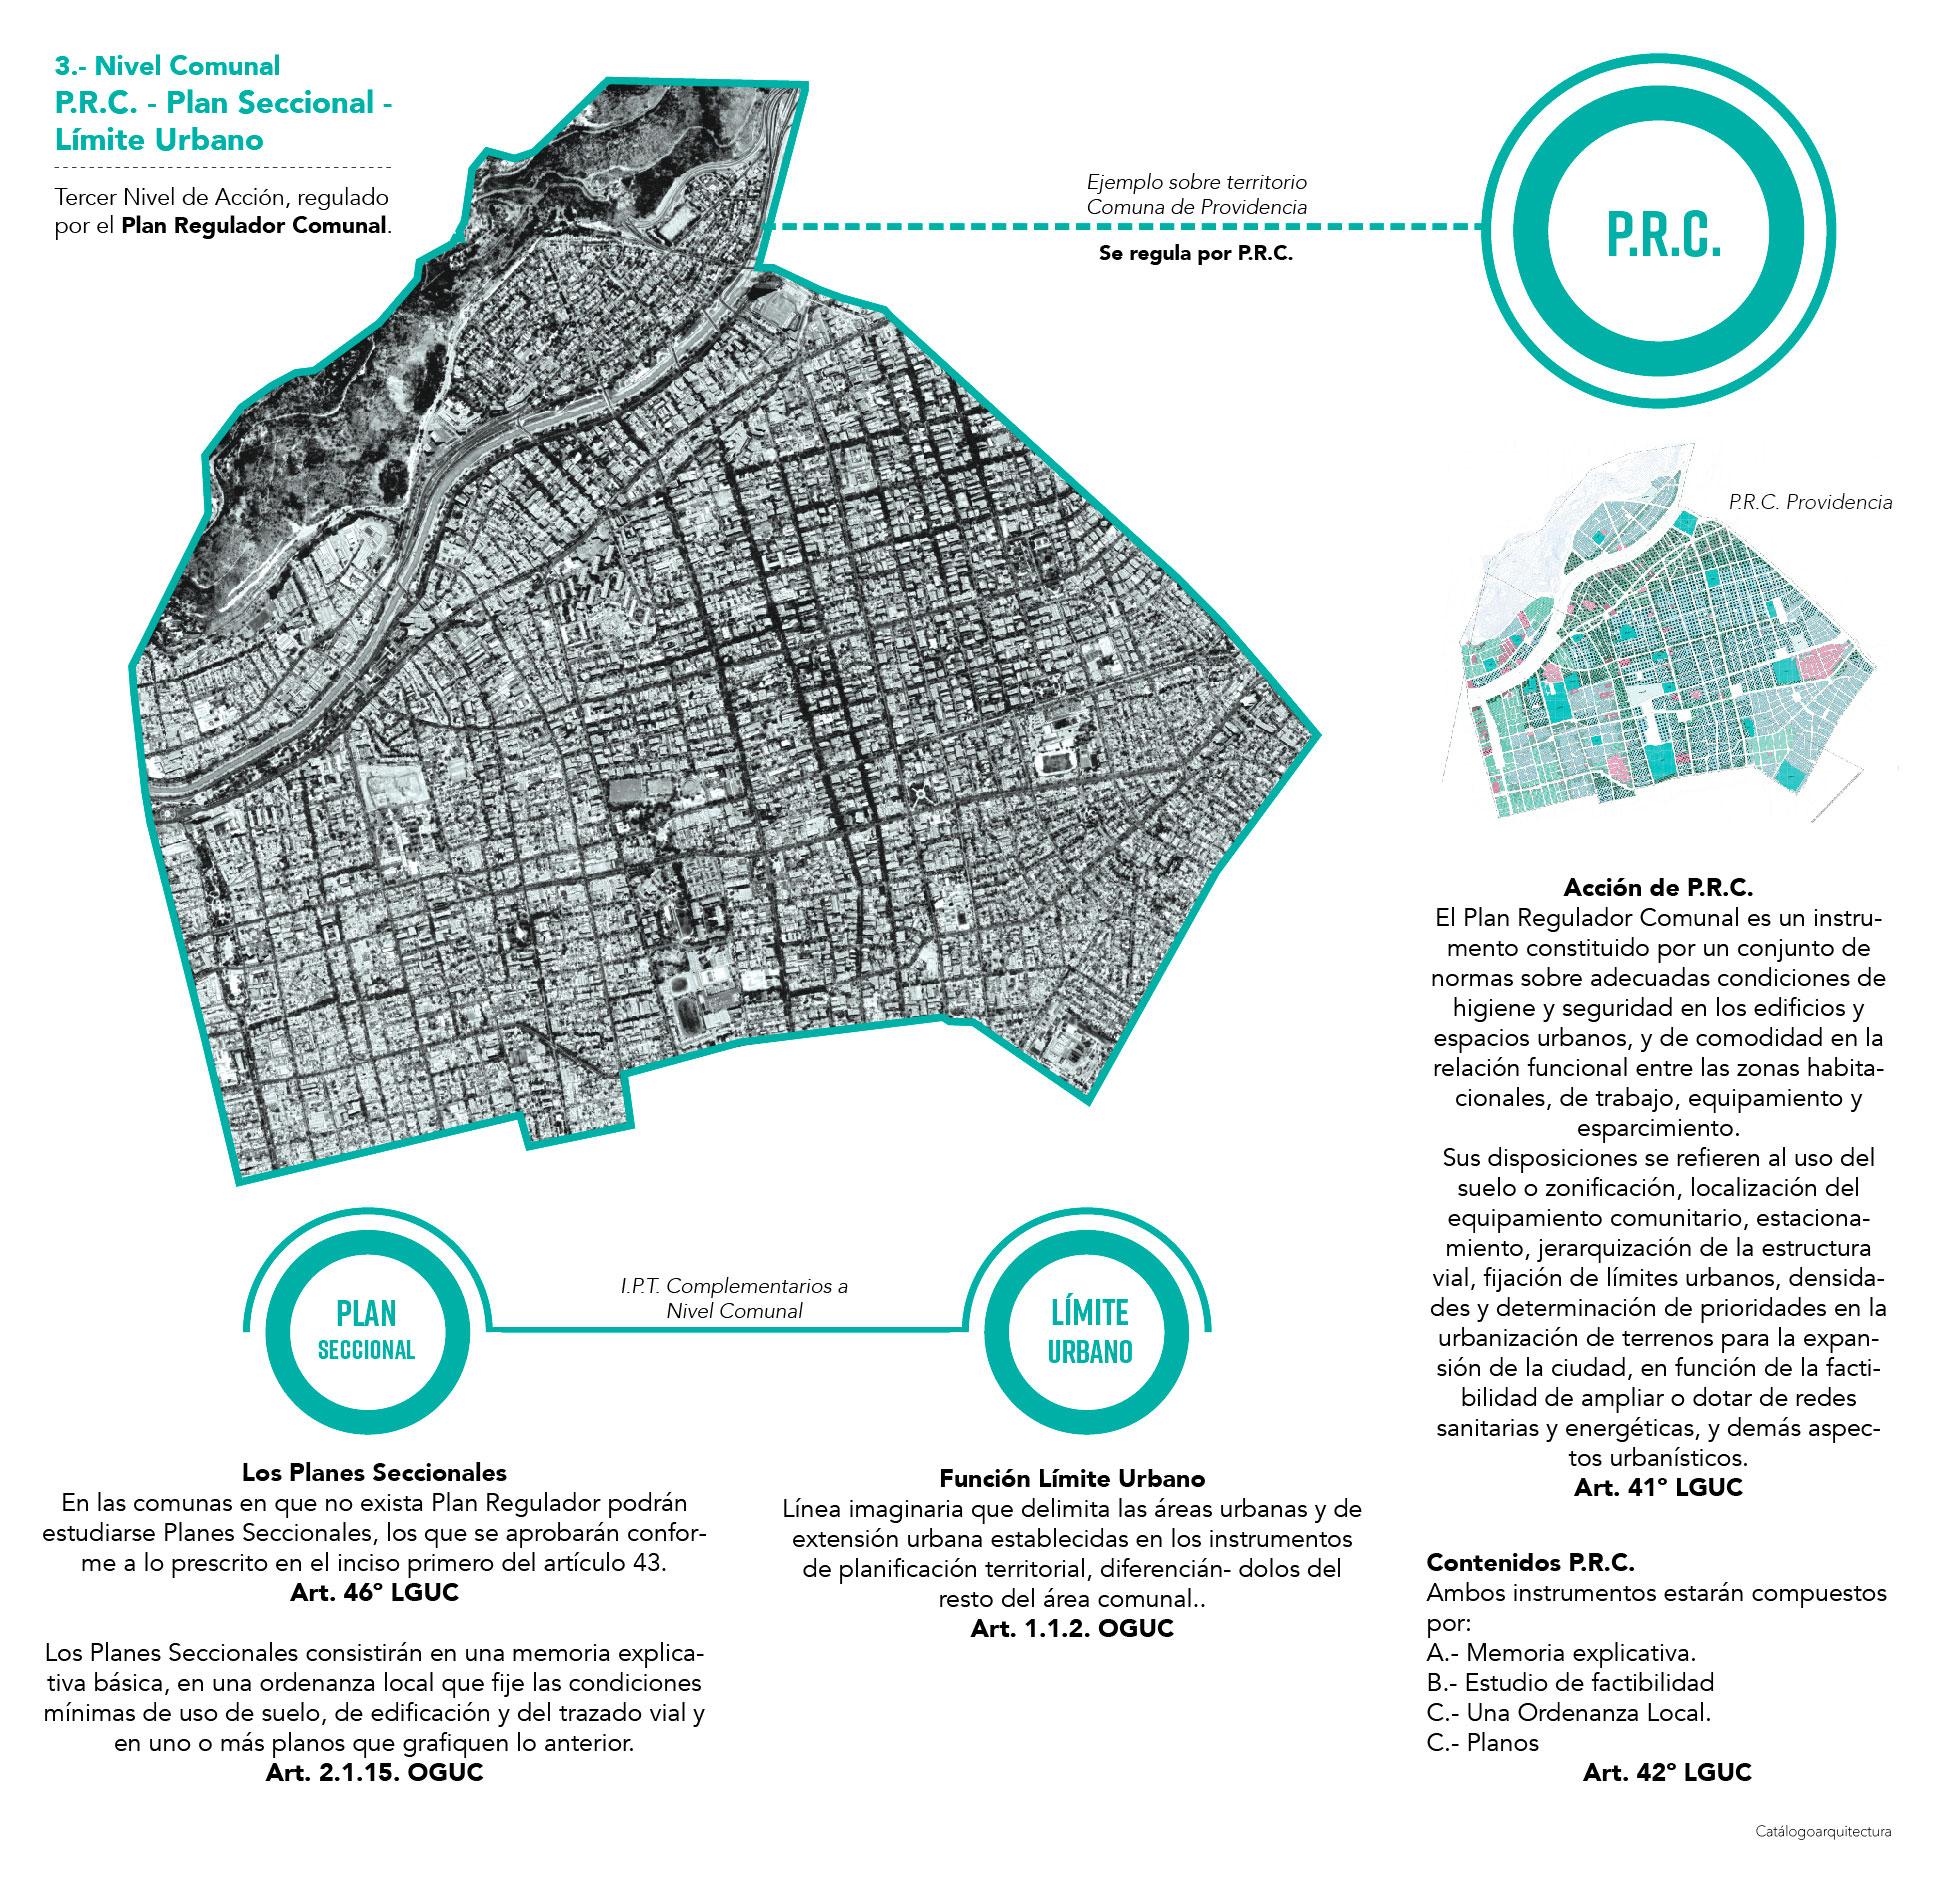 Planificación Urbana comunal, LGUC Chile.